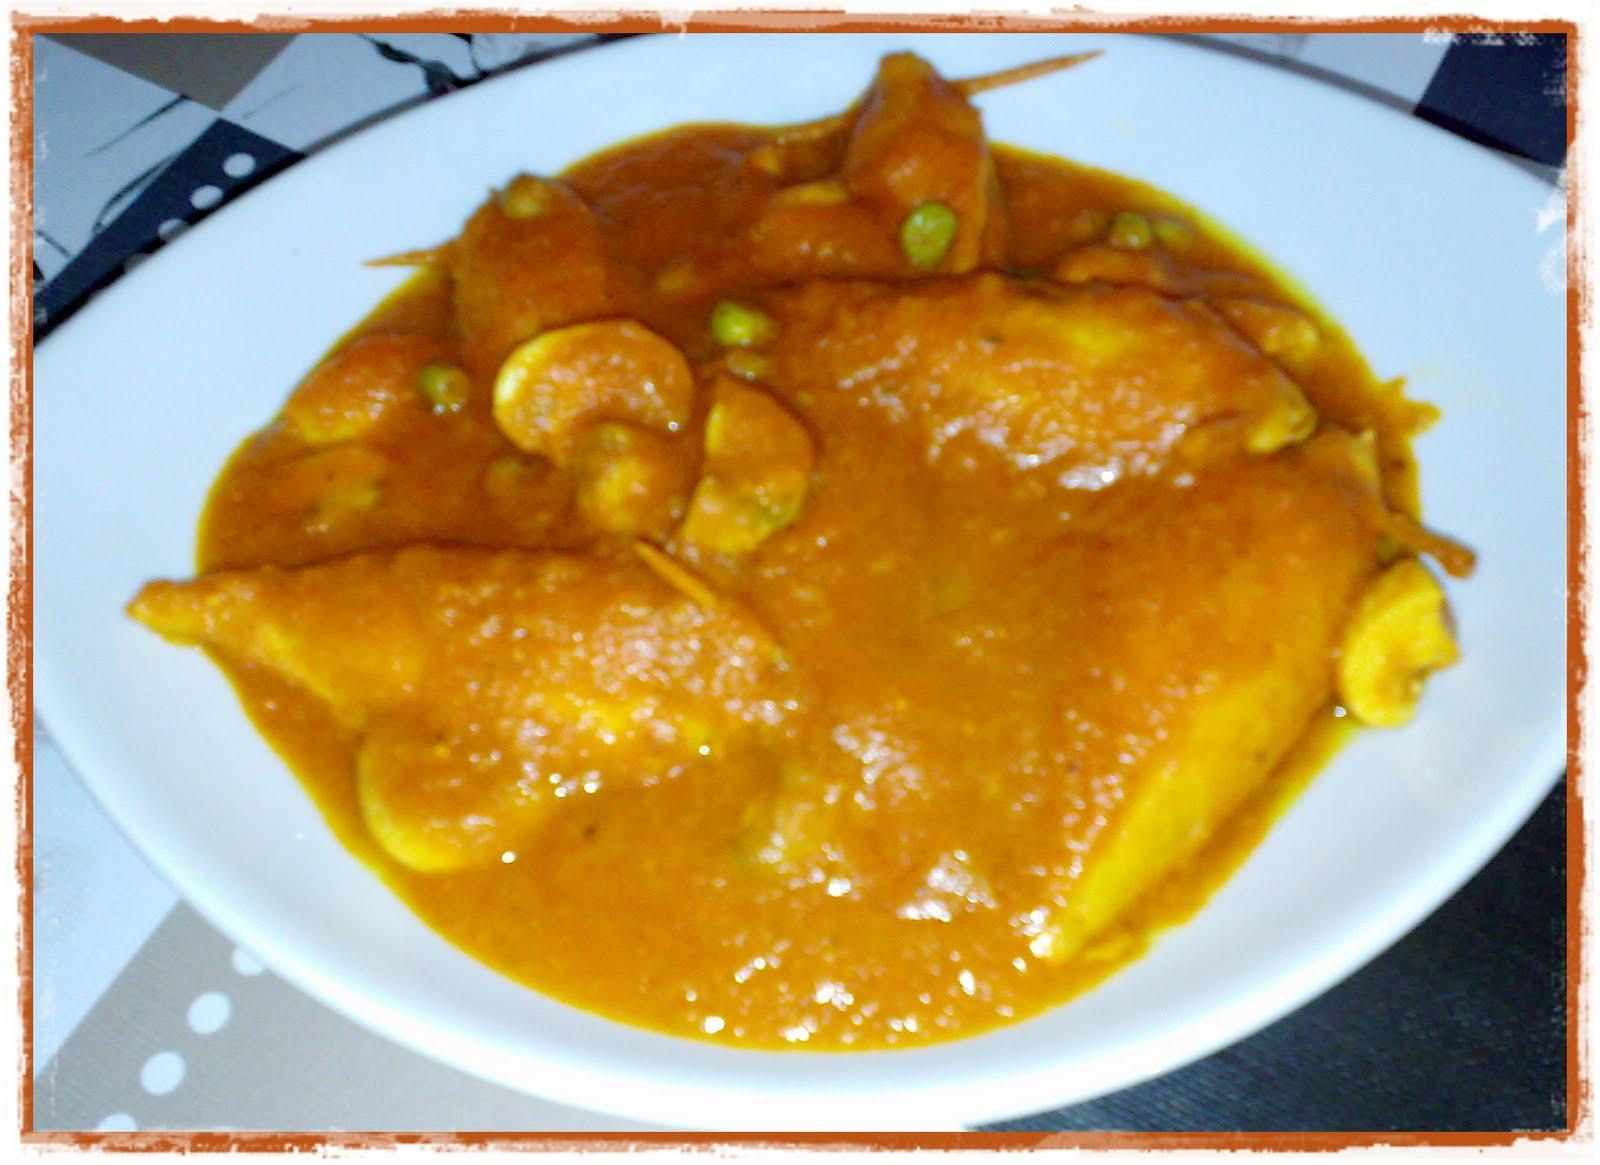 Las recetas de mariant calamares rellenos en salsa - Salsa para calamares rellenos ...